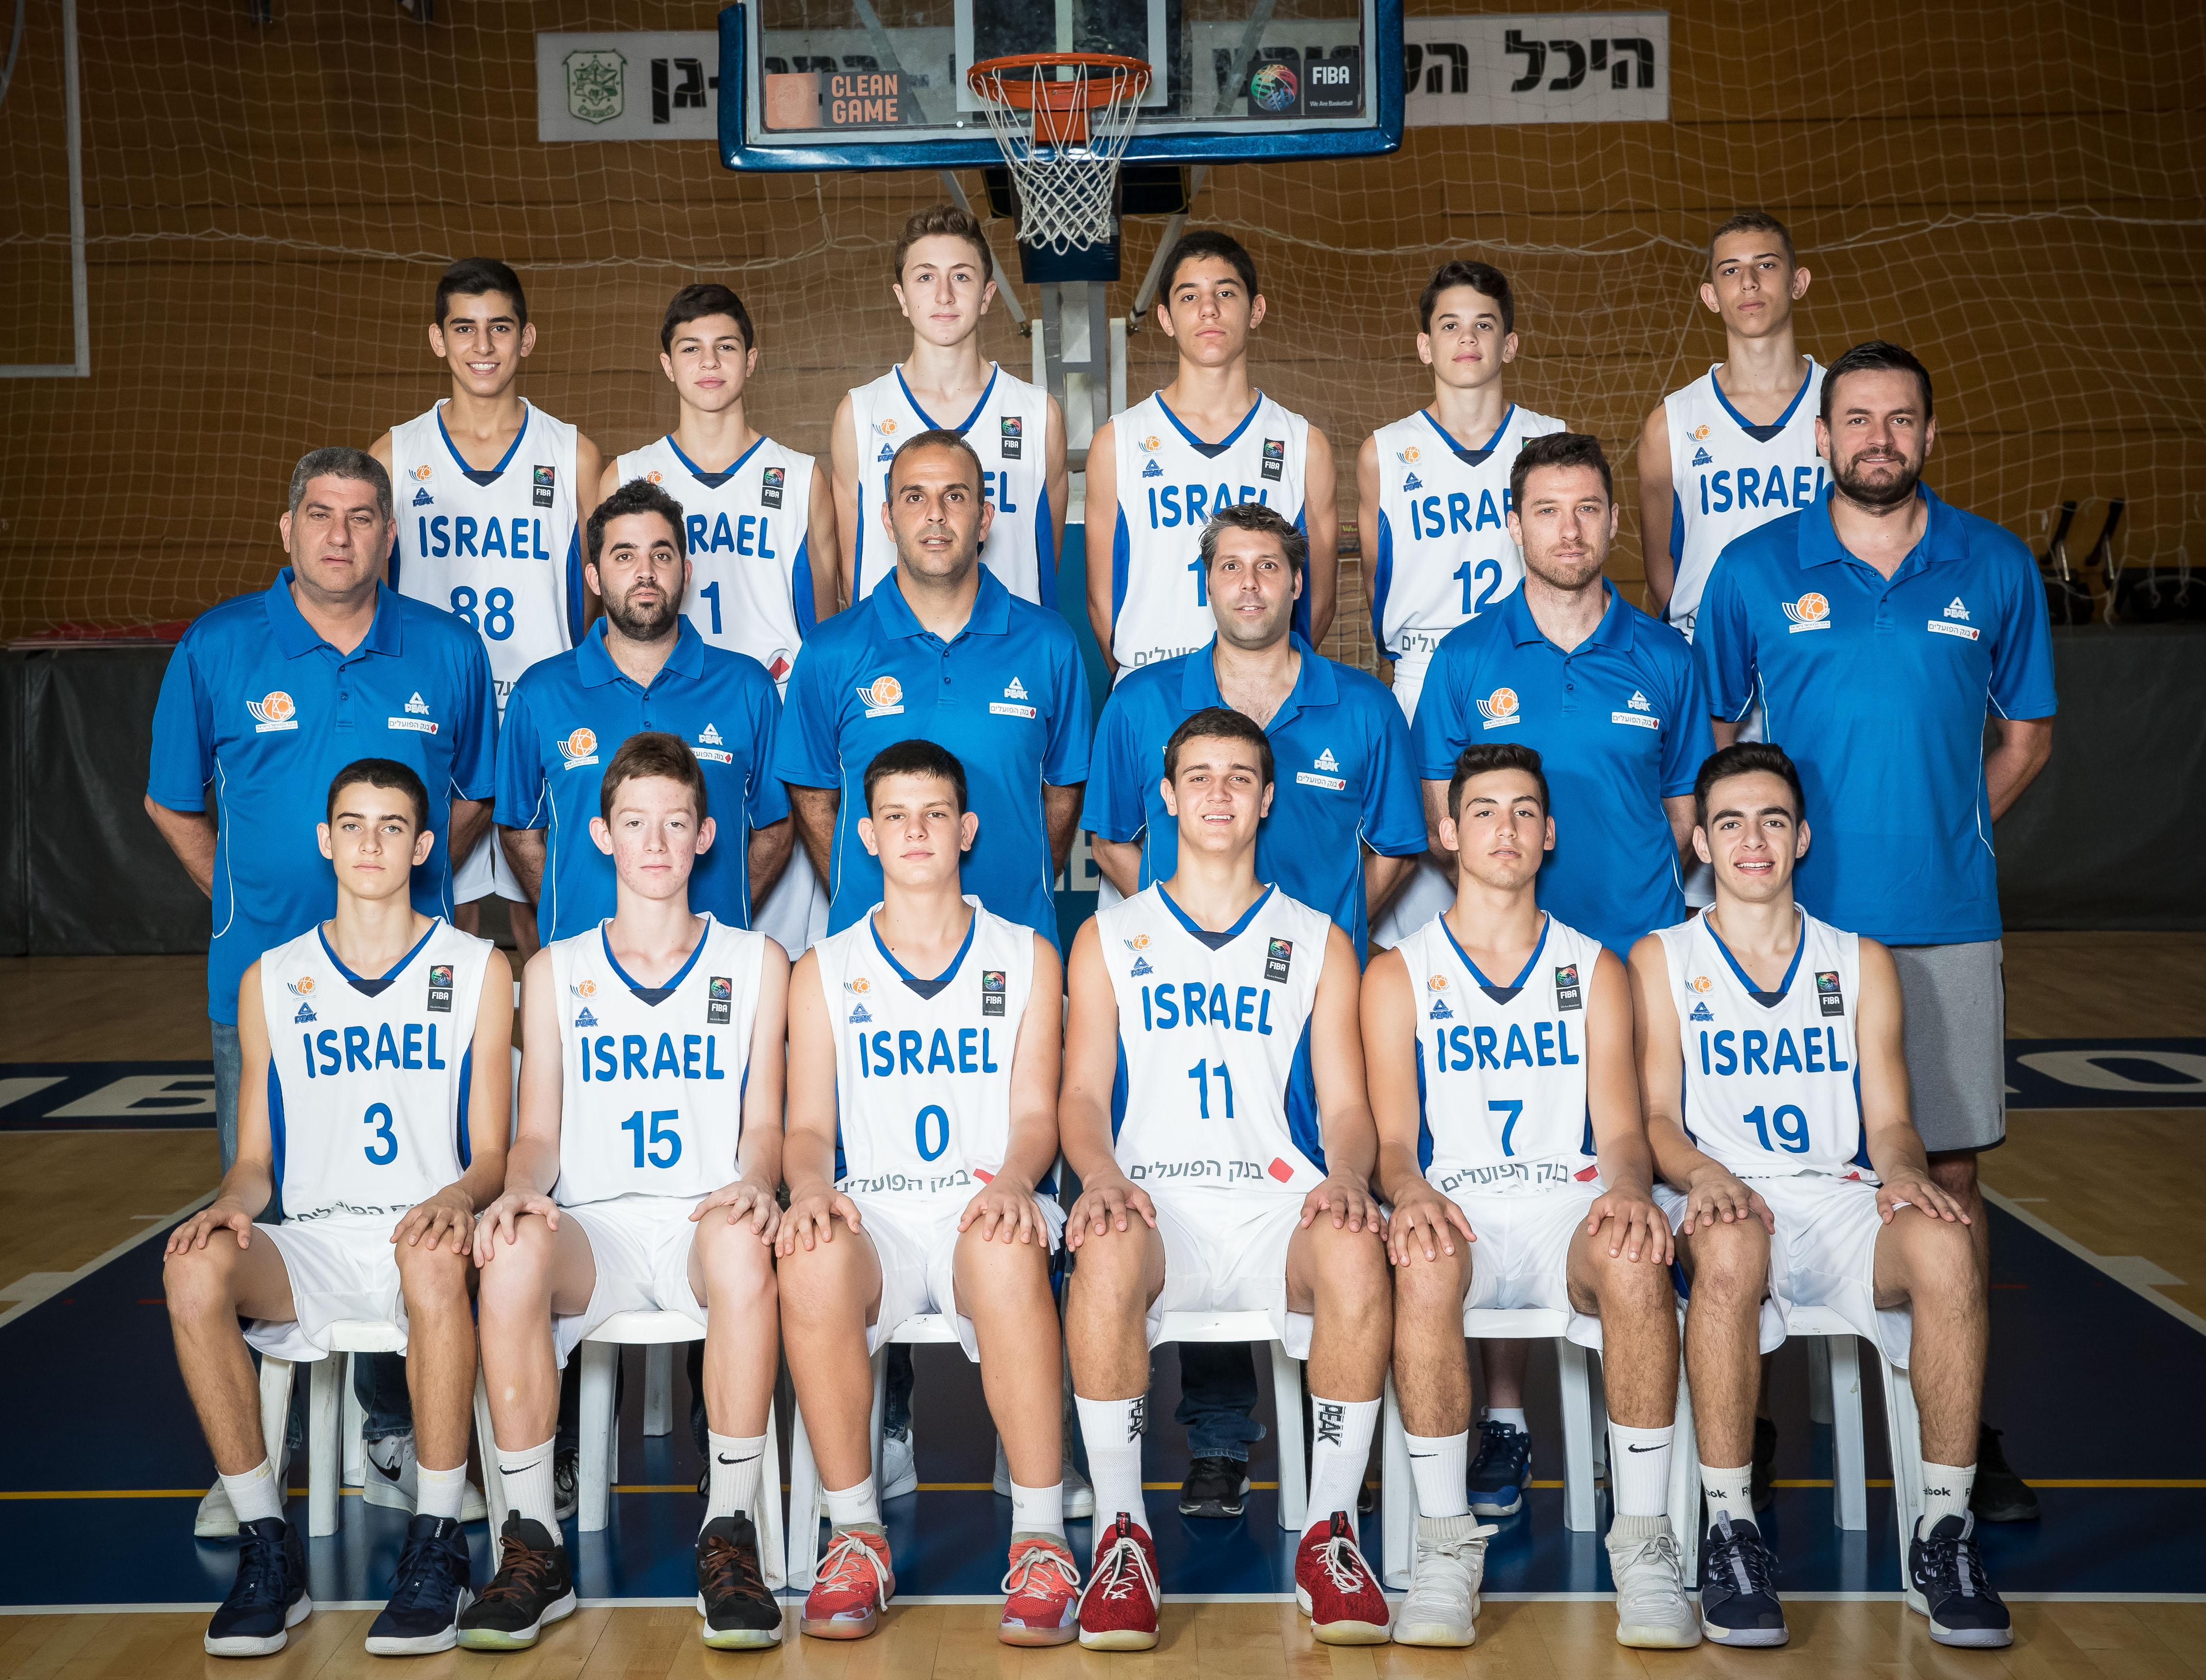 נבחרת הבנים עד גיל 14 יוצאת לטורניר המסורתי בסלובניה